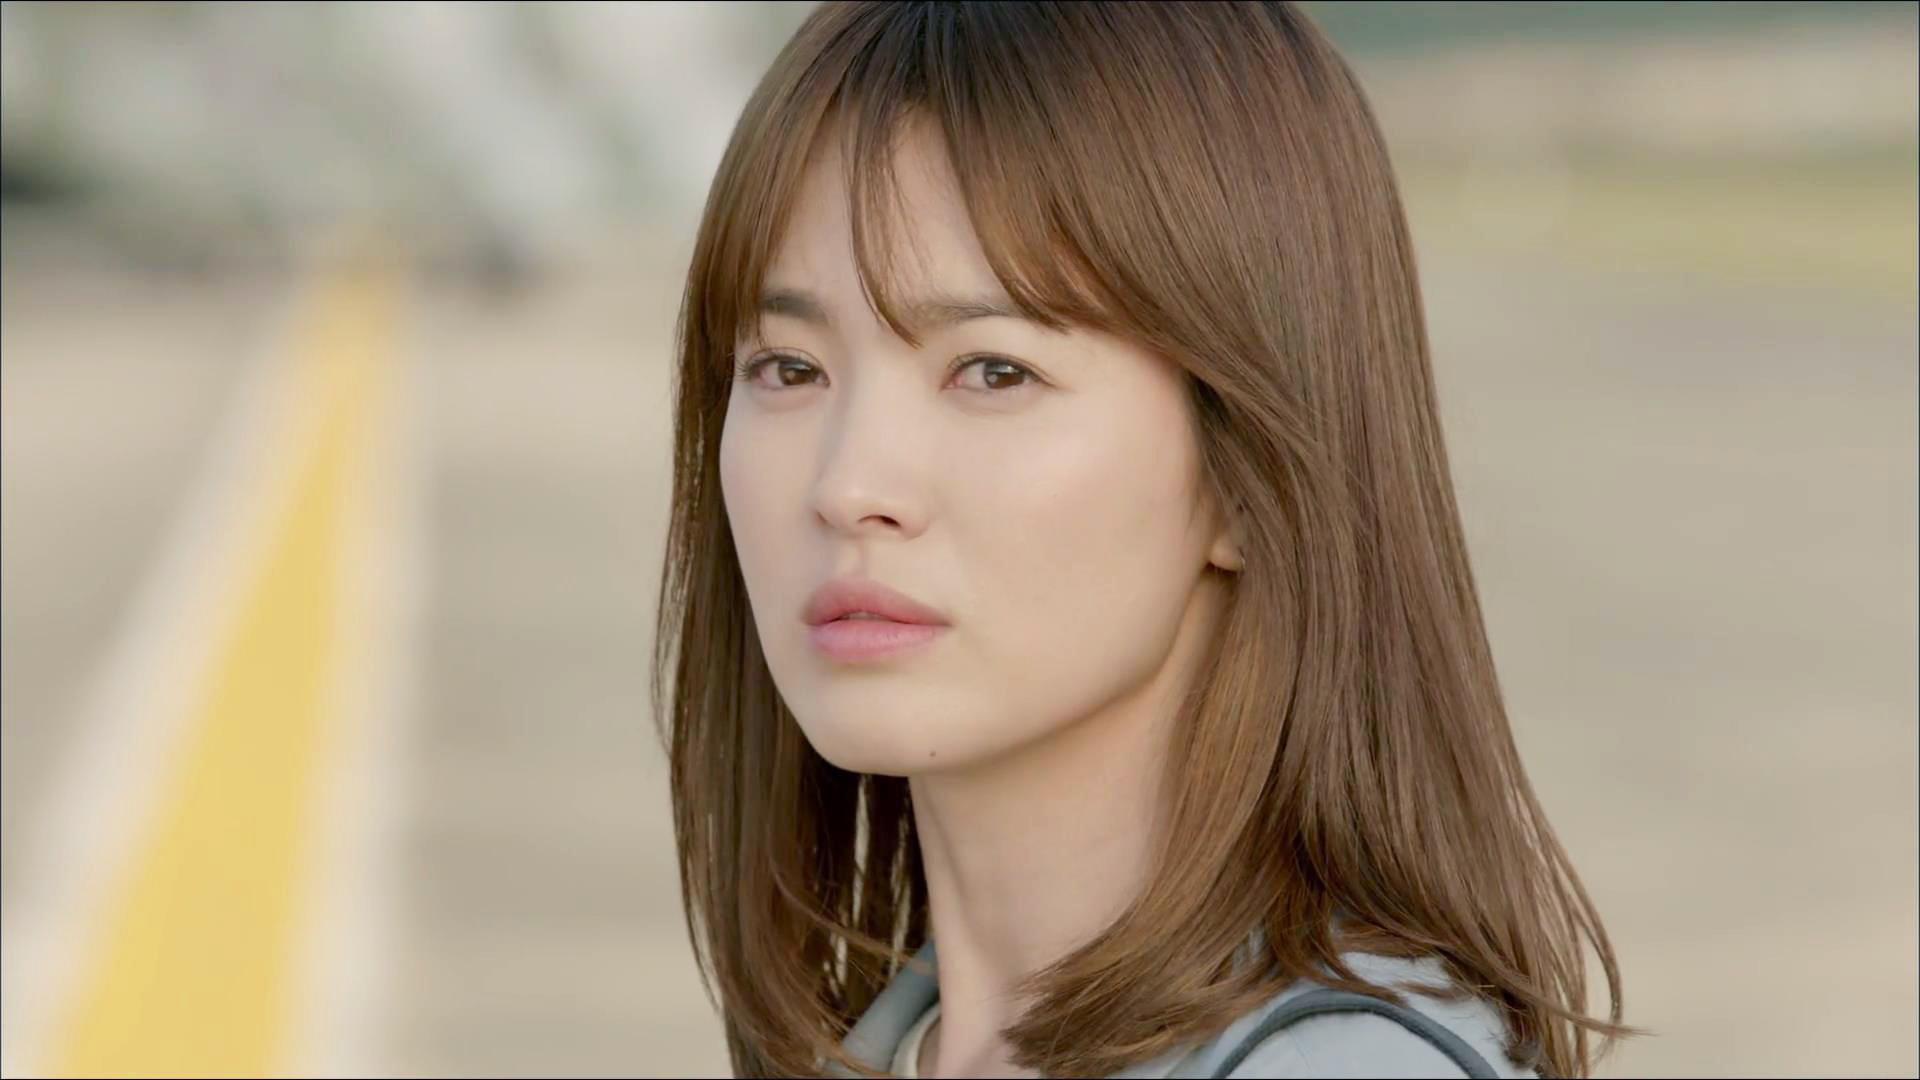 不說不知,宋慧喬其實已經 34 歲。圖片來源:韓劇「太陽的後裔」